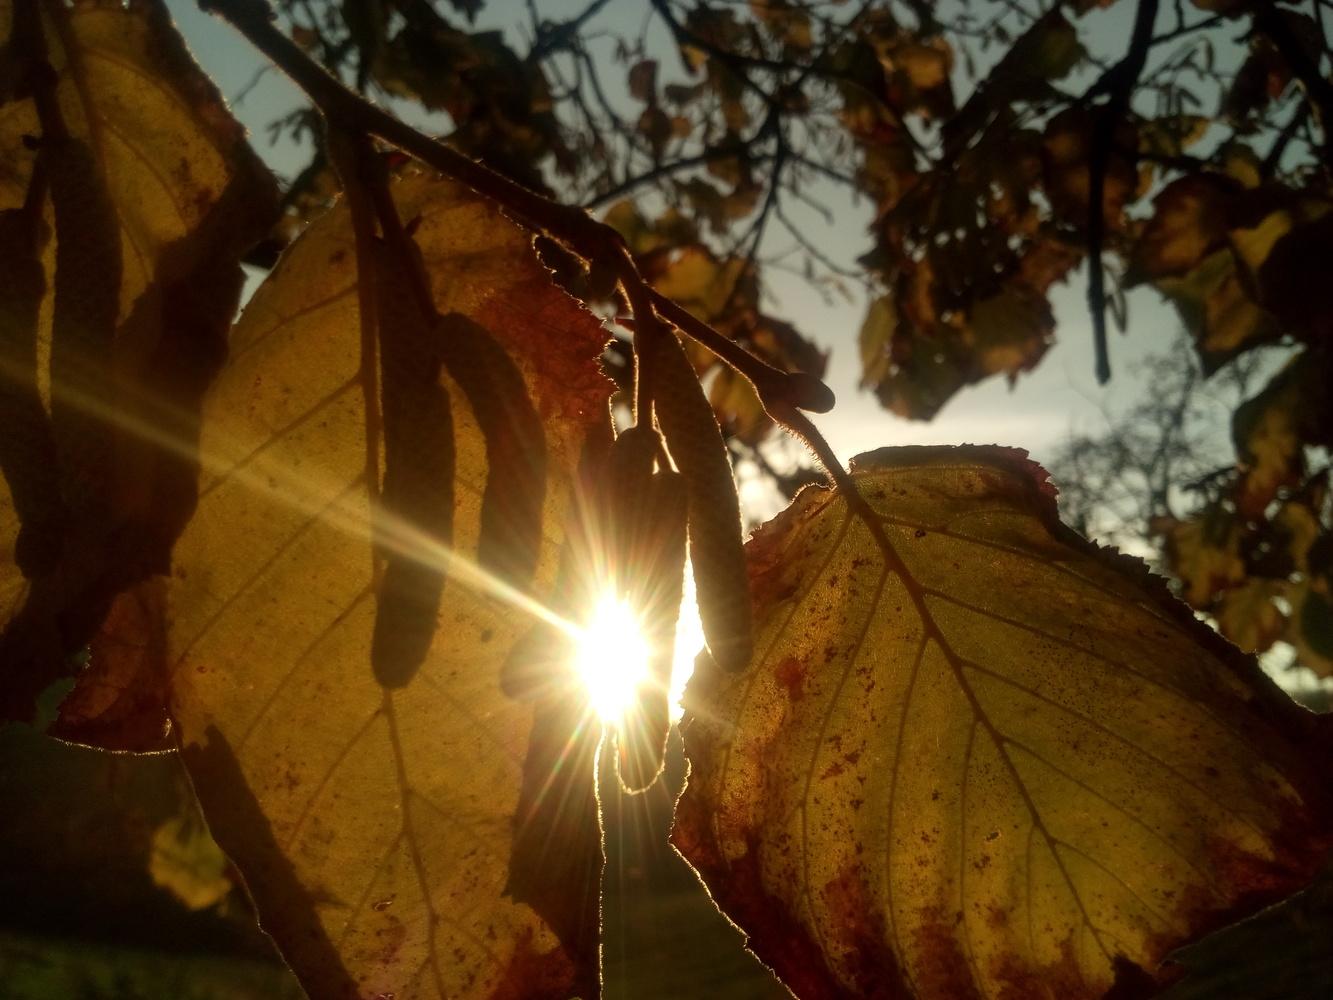 Haselnut leafs against sun by Dijana Kr